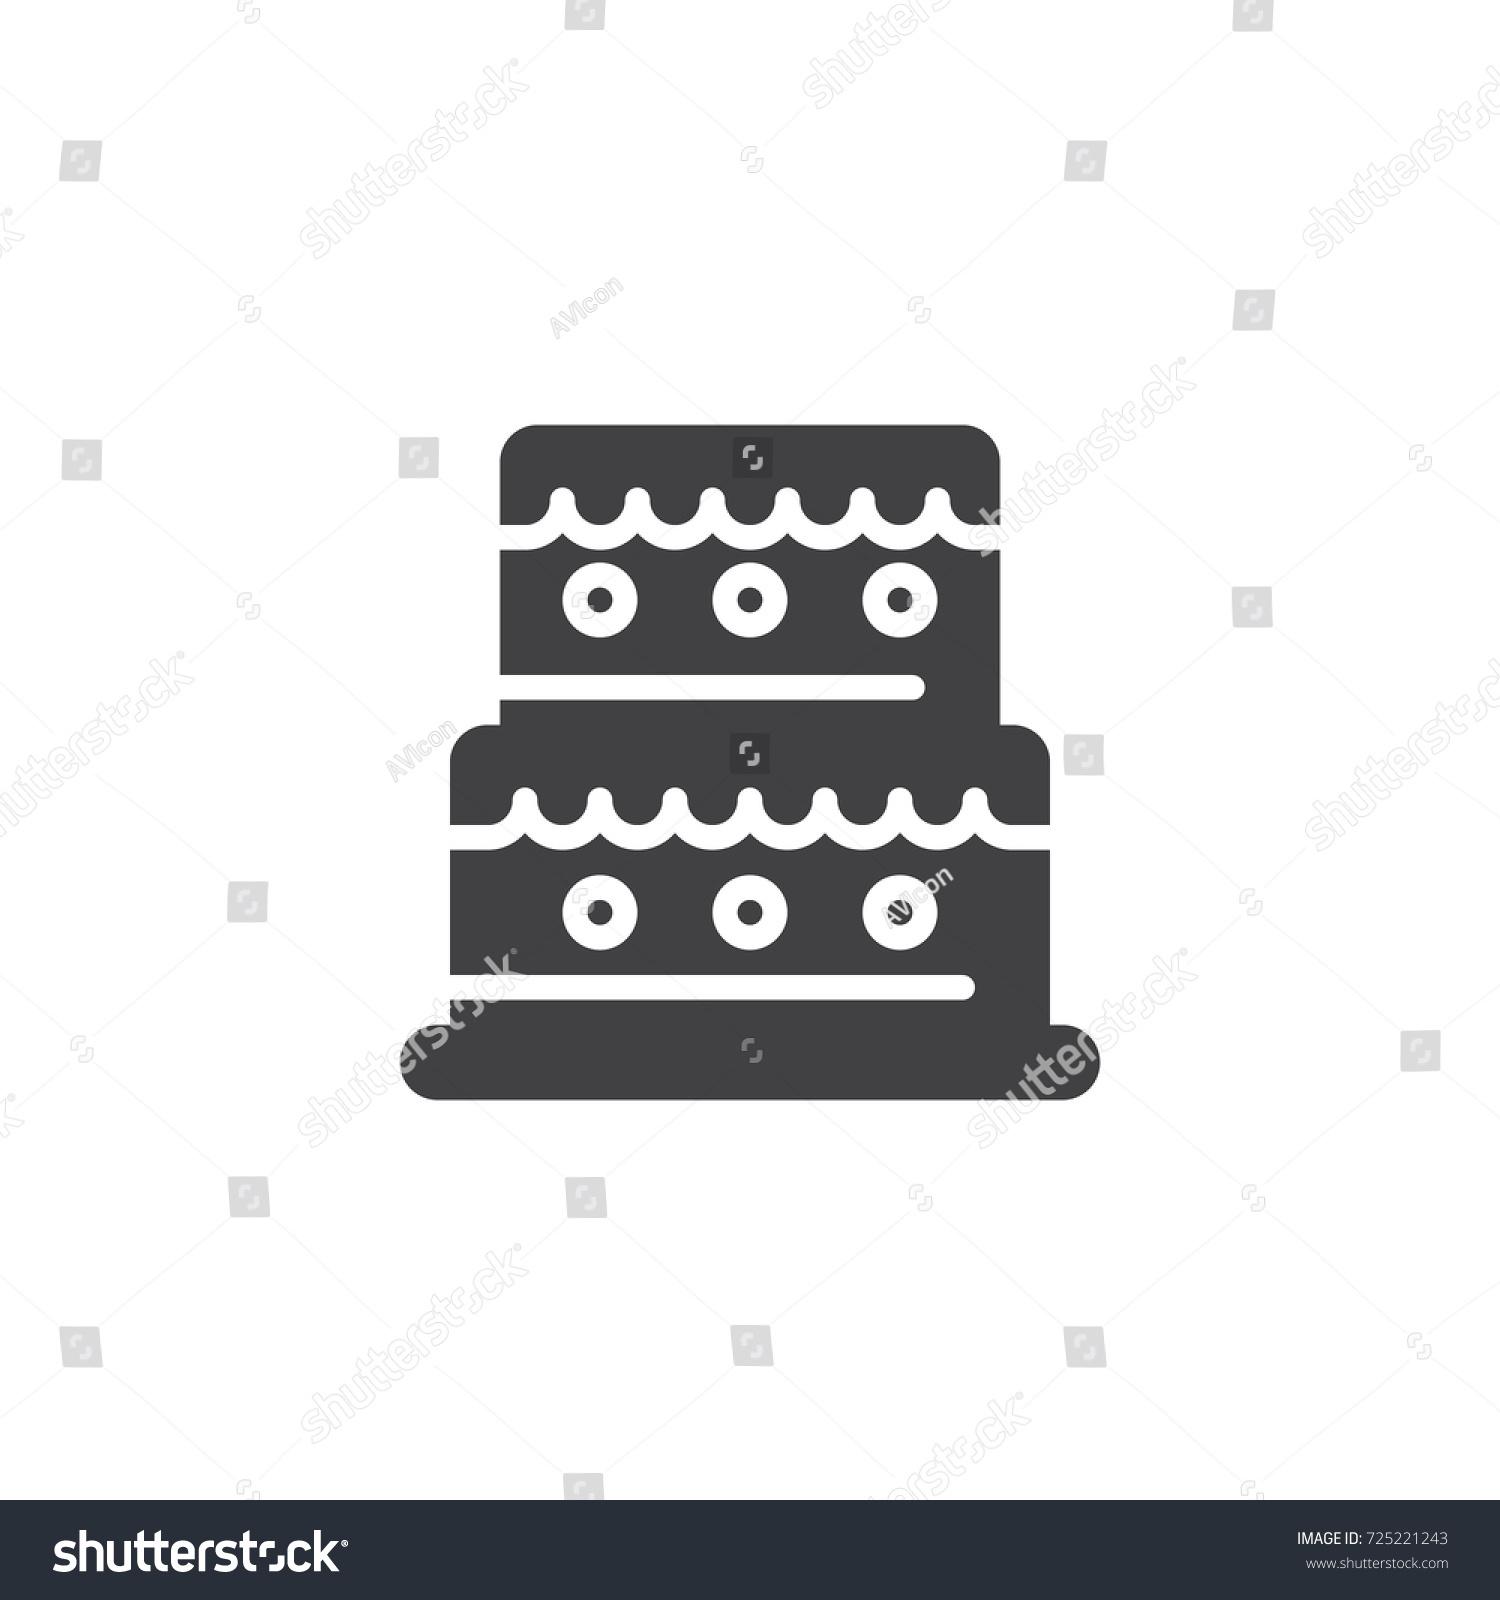 Birthday cake icon vector filled flat stock vector 725221243 birthday cake icon vector filled flat sign solid pictogram isolated on white symbol buycottarizona